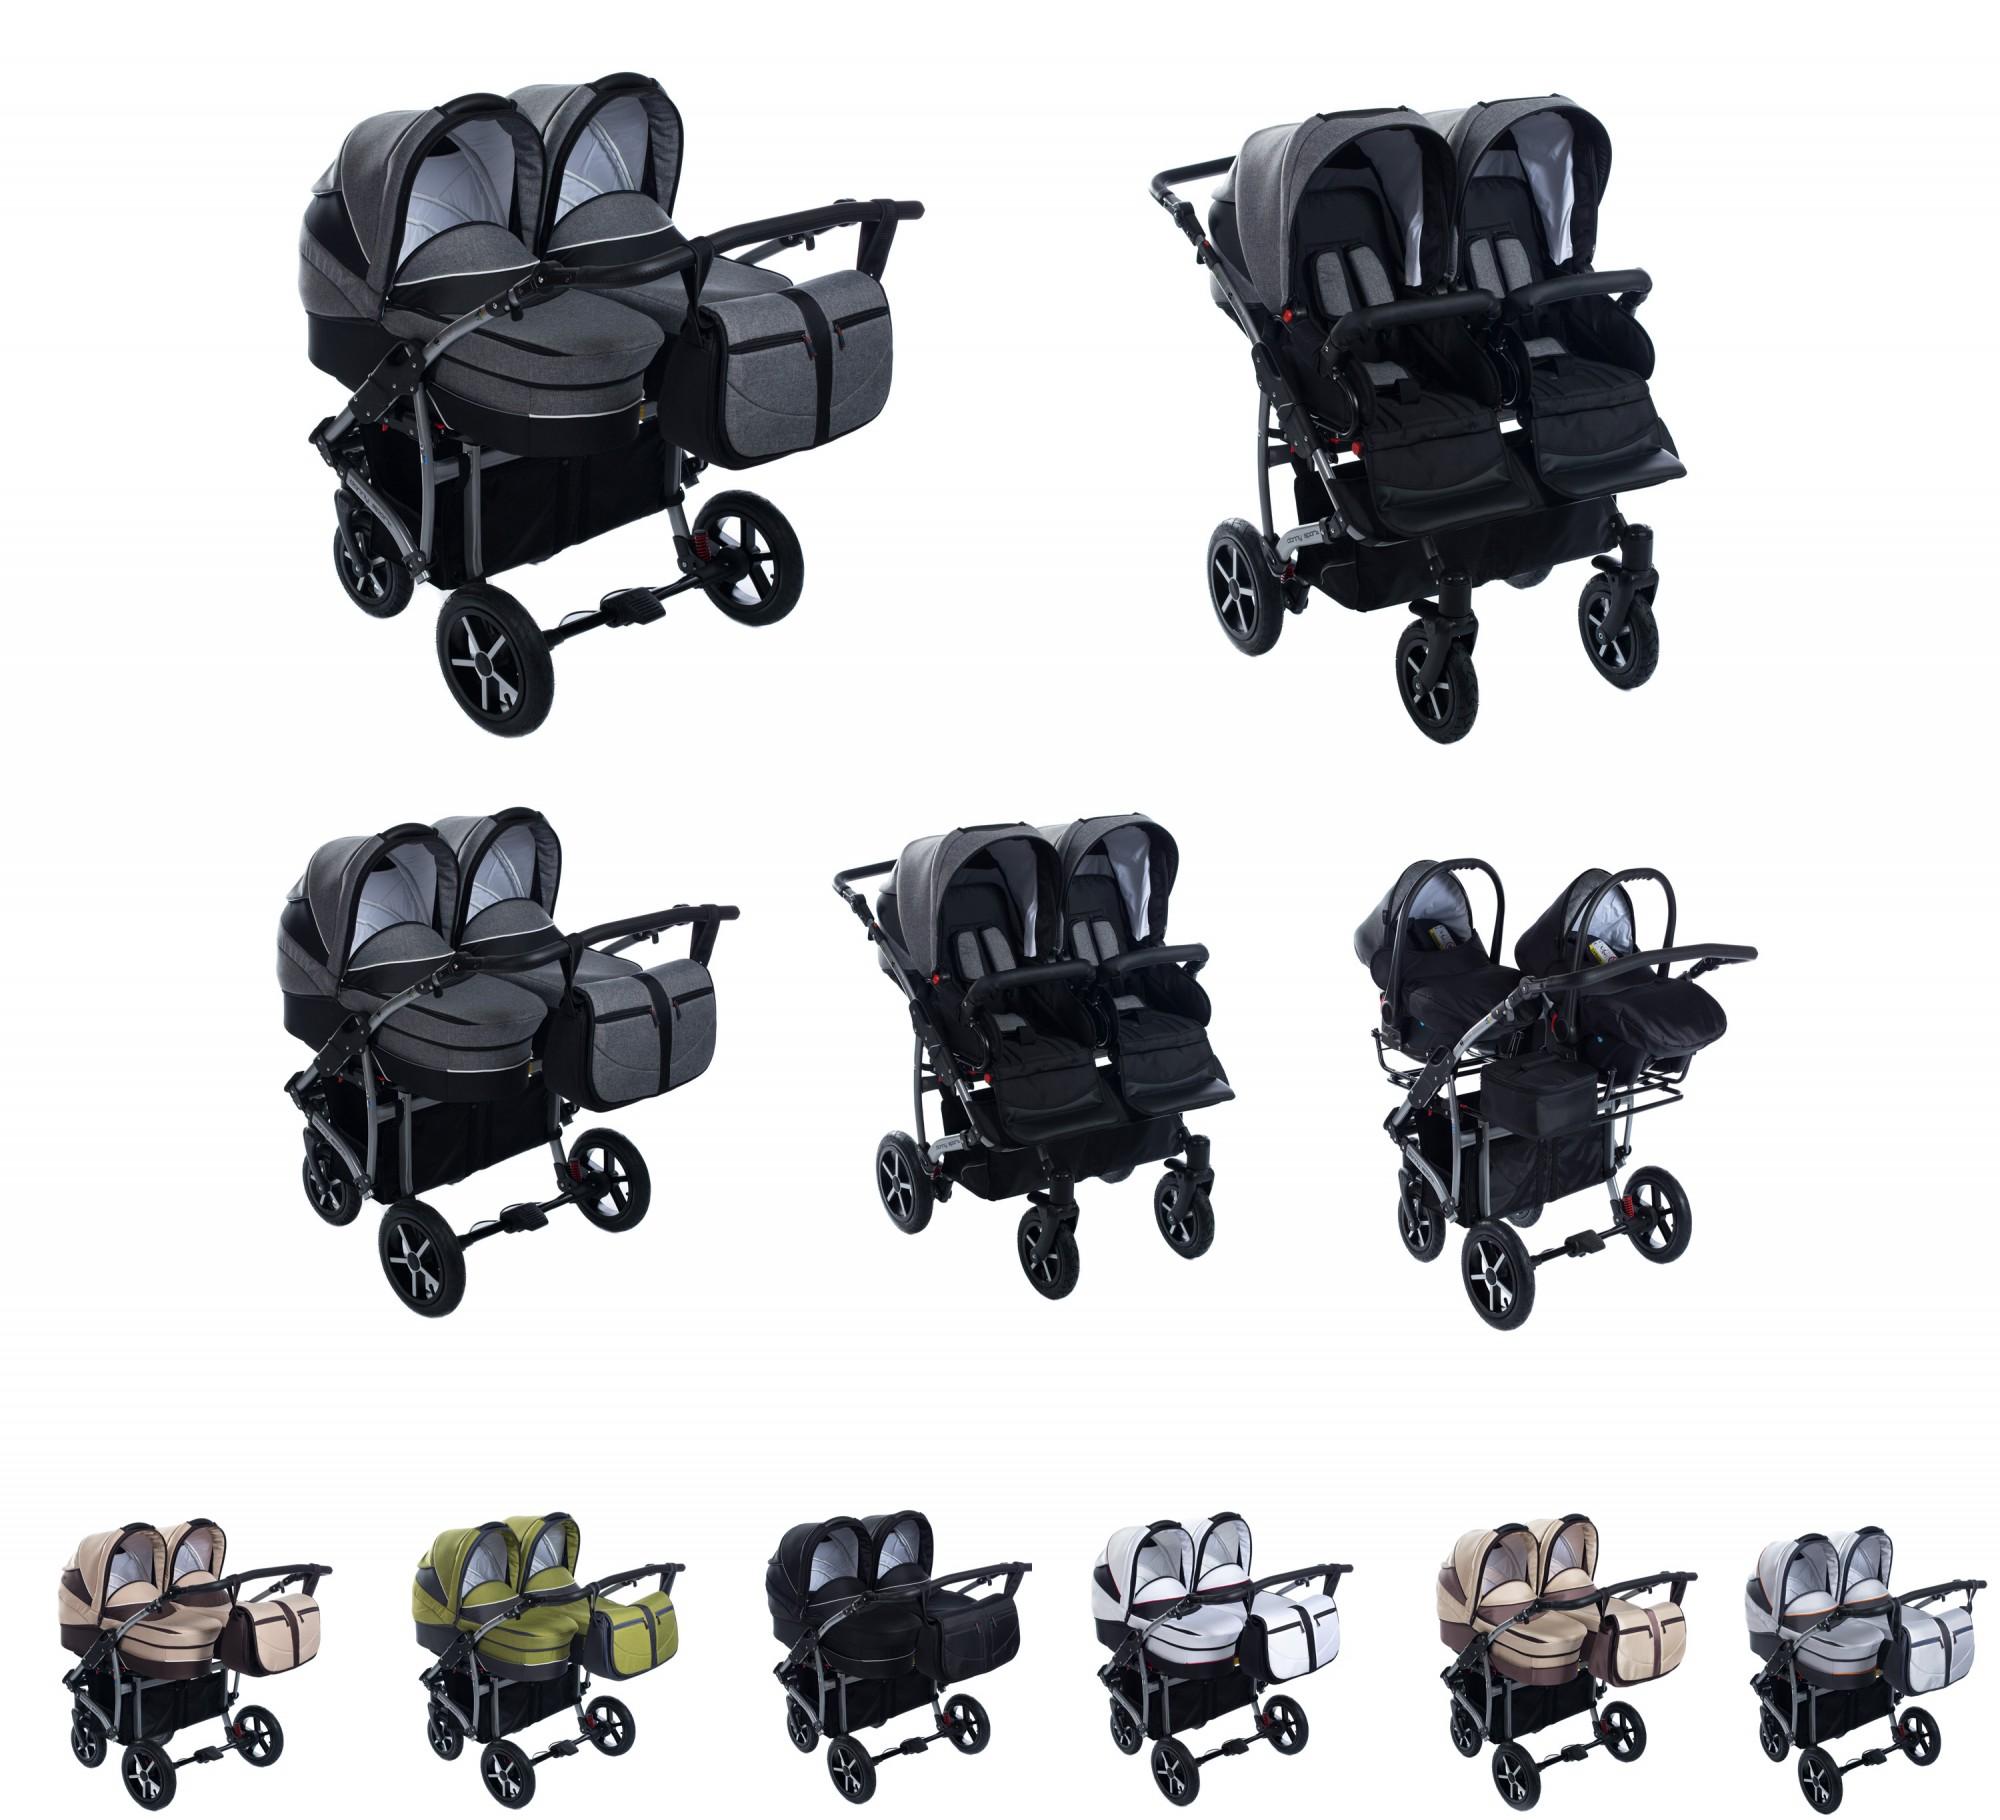 zwillingskinderwagen mit oder ohne babyschalen kombikinderwagen. Black Bedroom Furniture Sets. Home Design Ideas